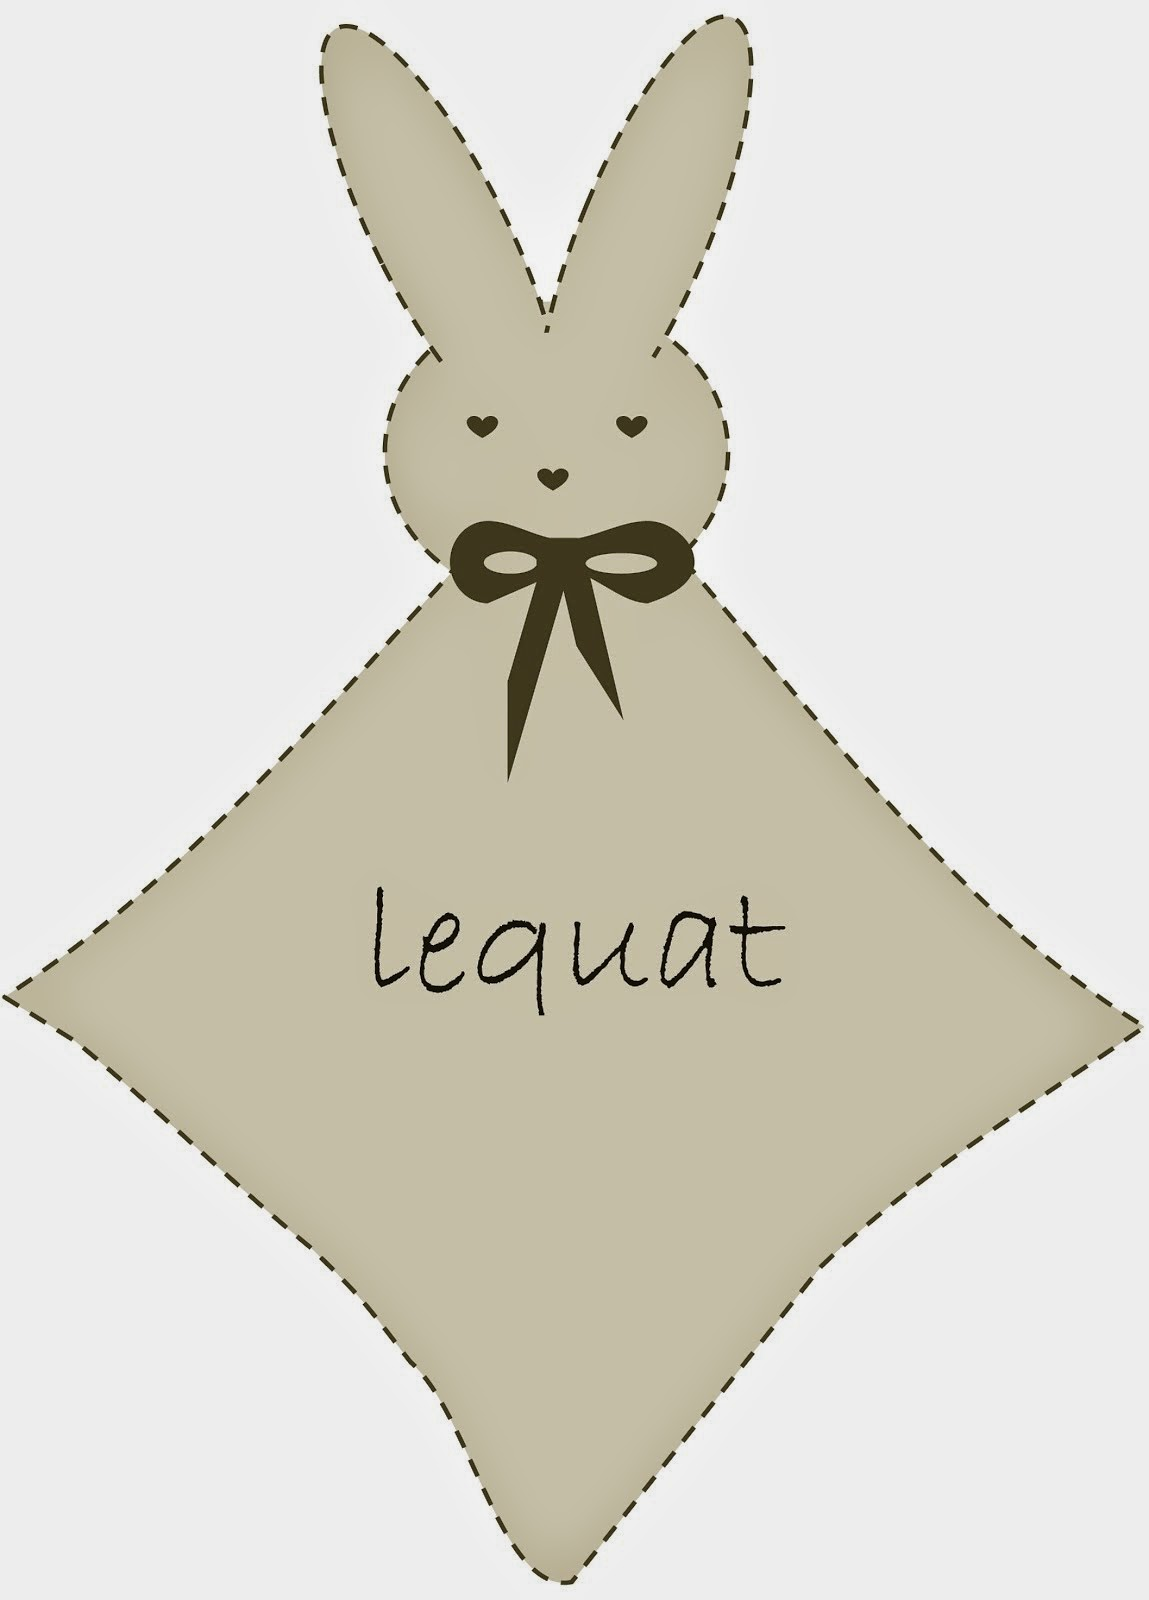 Lequat